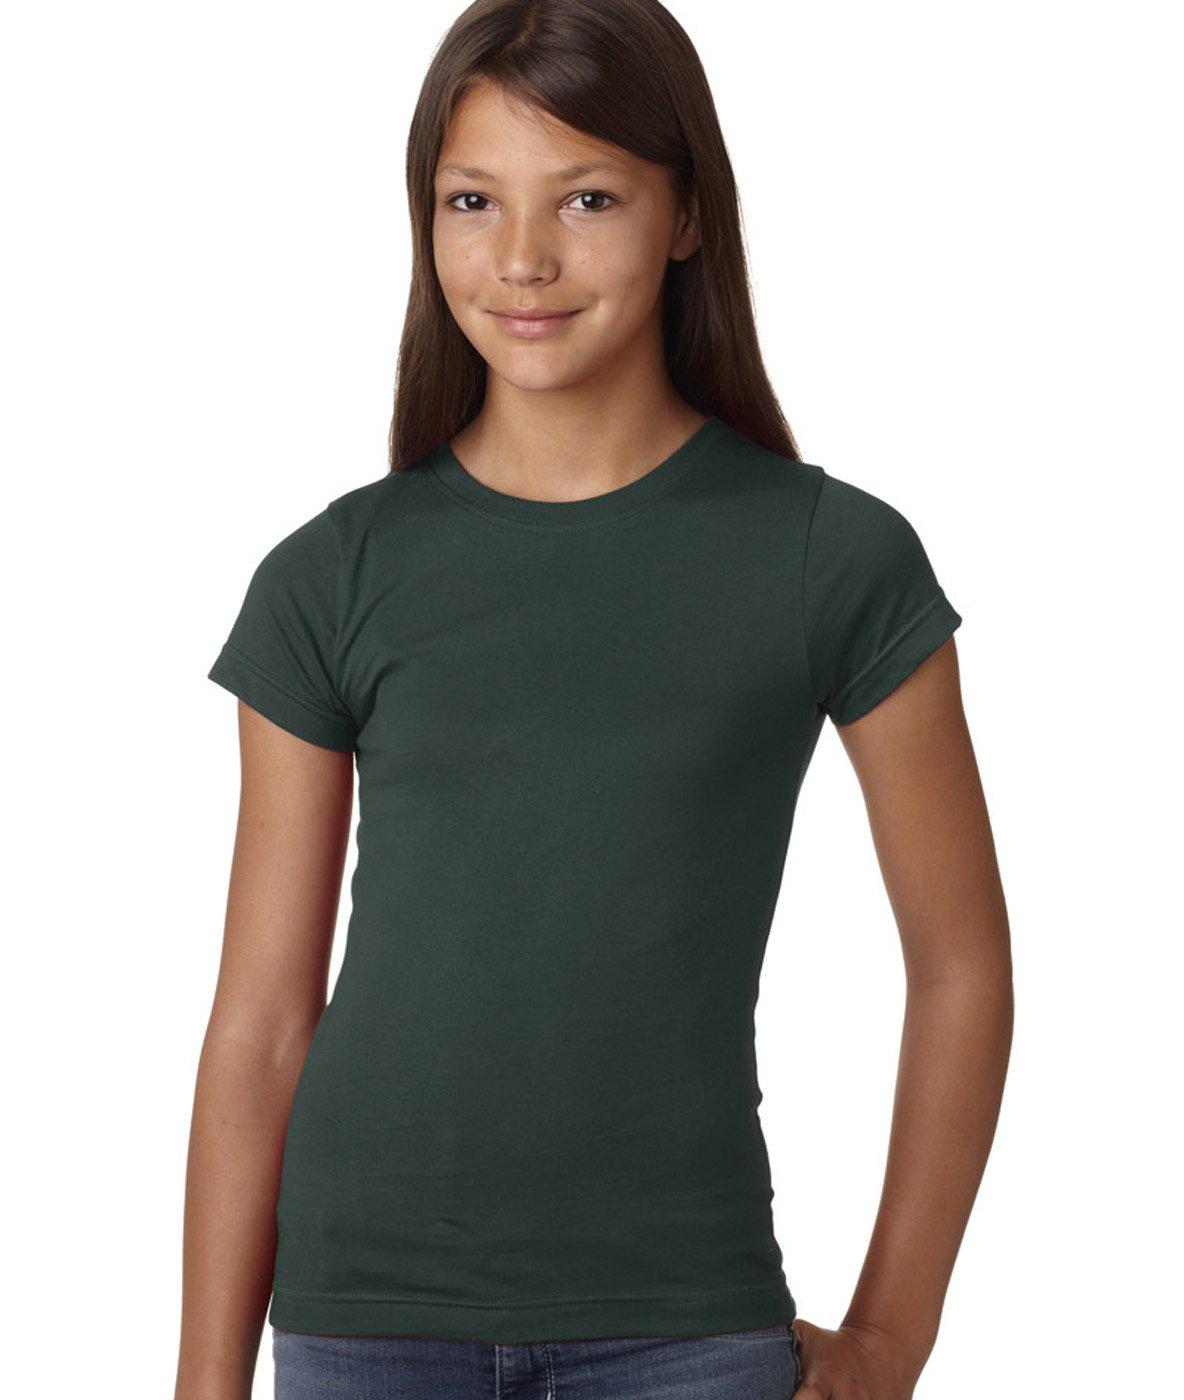 LAT Sportswear Girl's Fine Jersey Longer-Length T-Shirt, Forest, X-Large